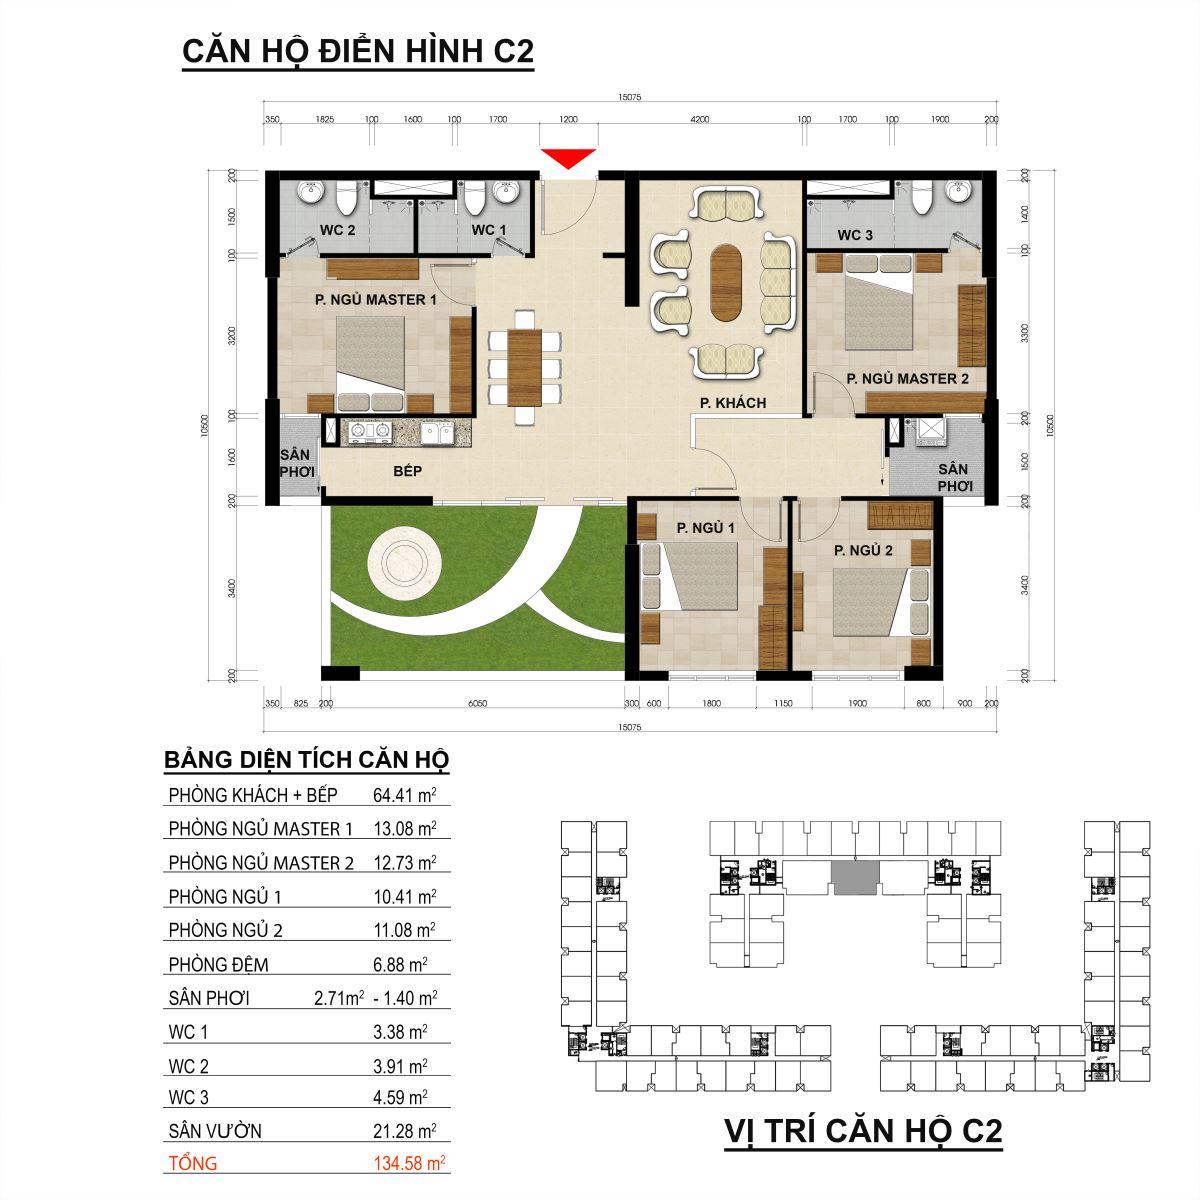 Căn hộ 4 phòng ngủ diện tích 134,58m2